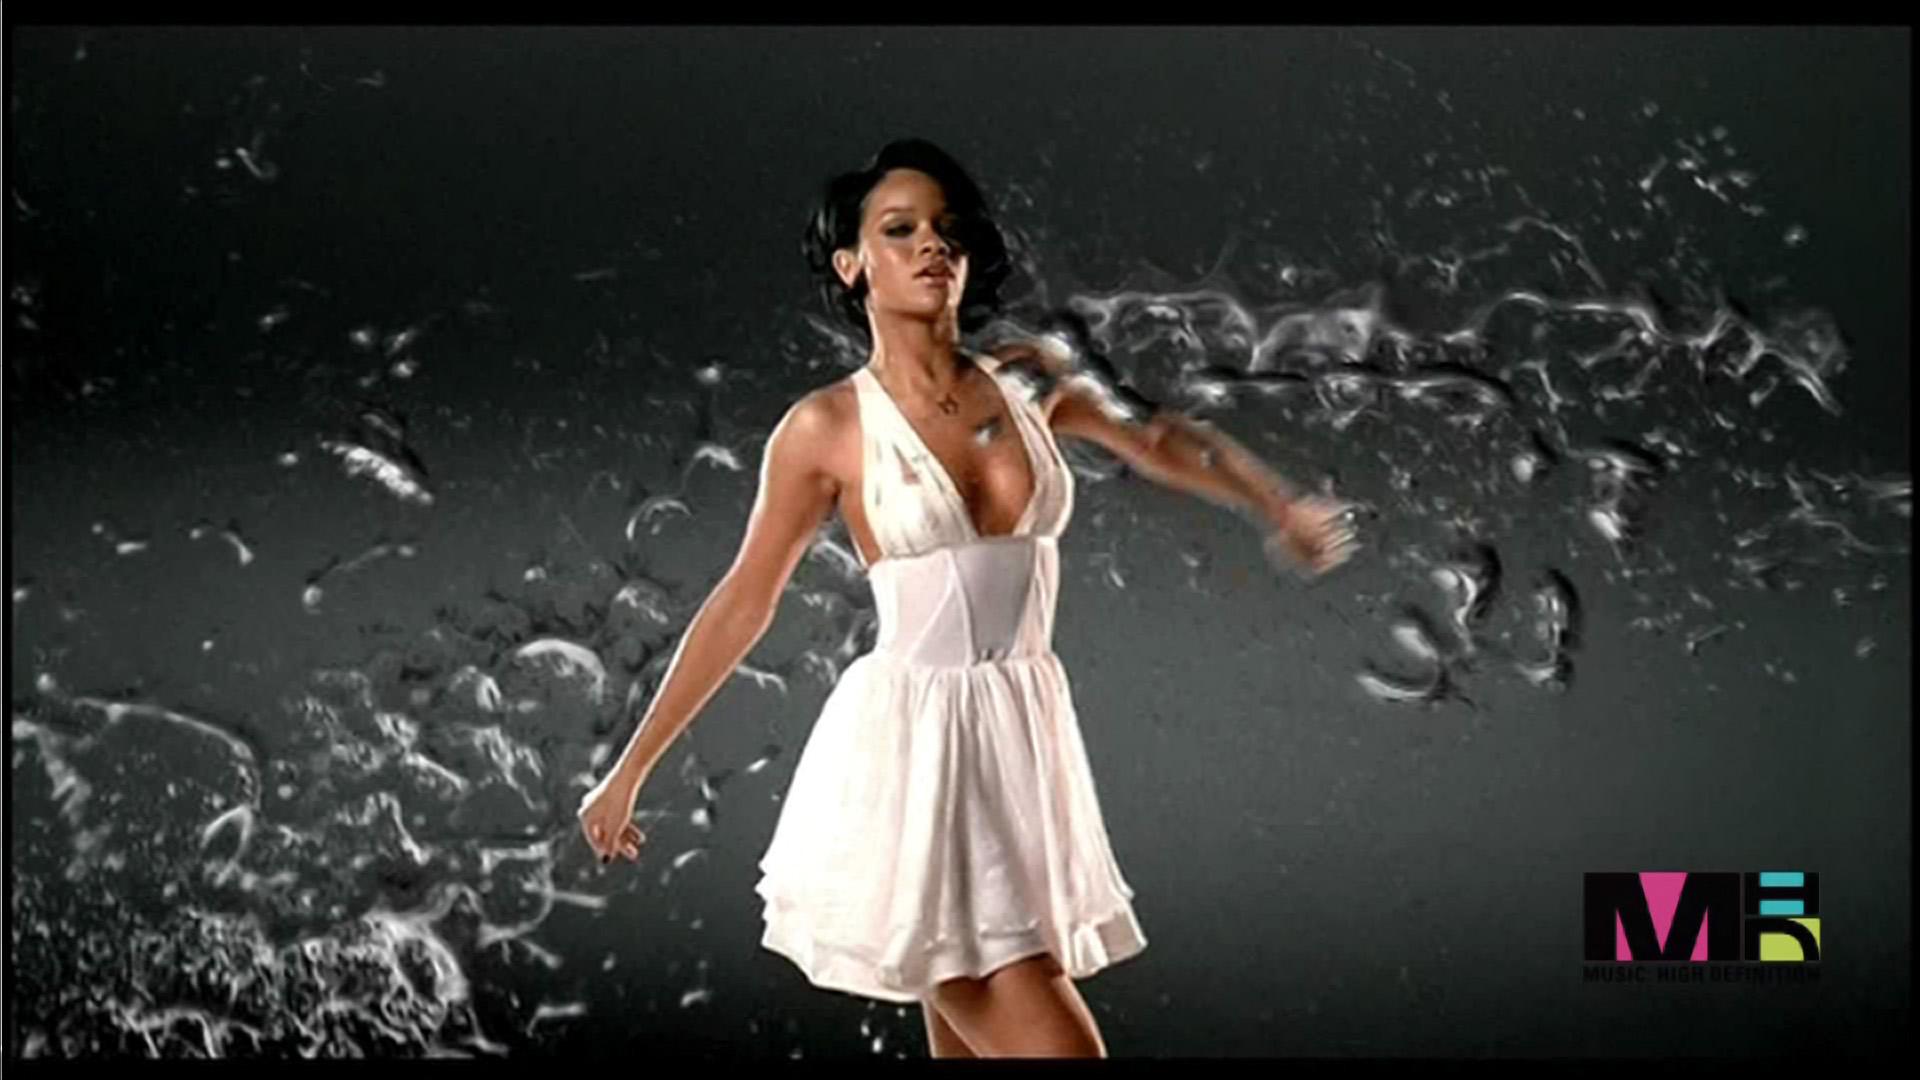 Fotos da rihanna no clipe umbrella 53